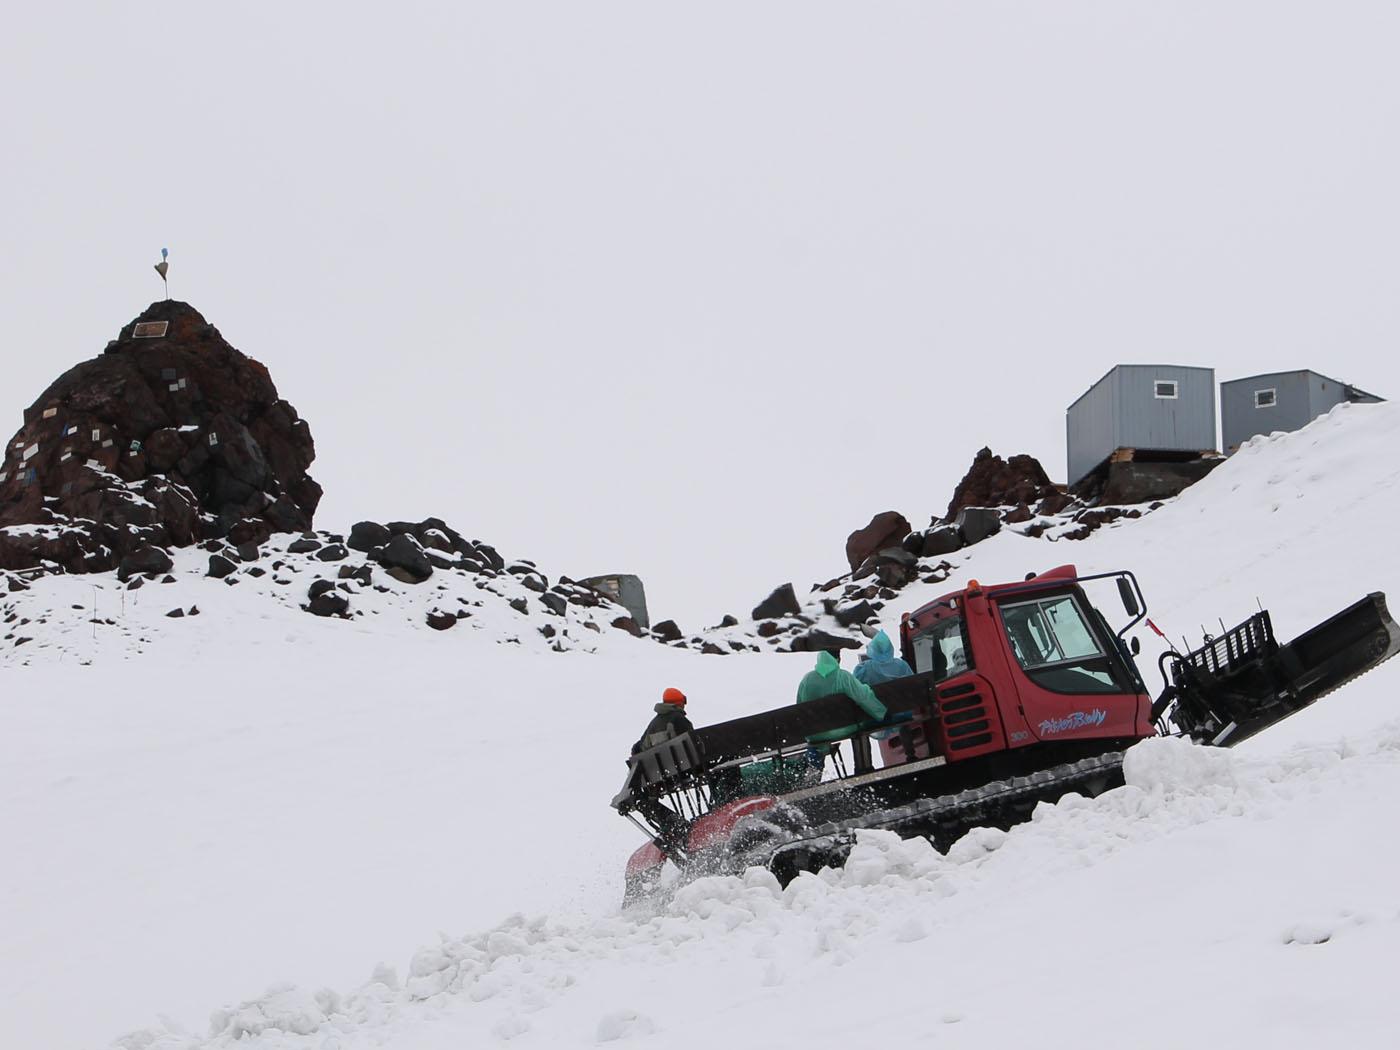 Snowcat in uphill